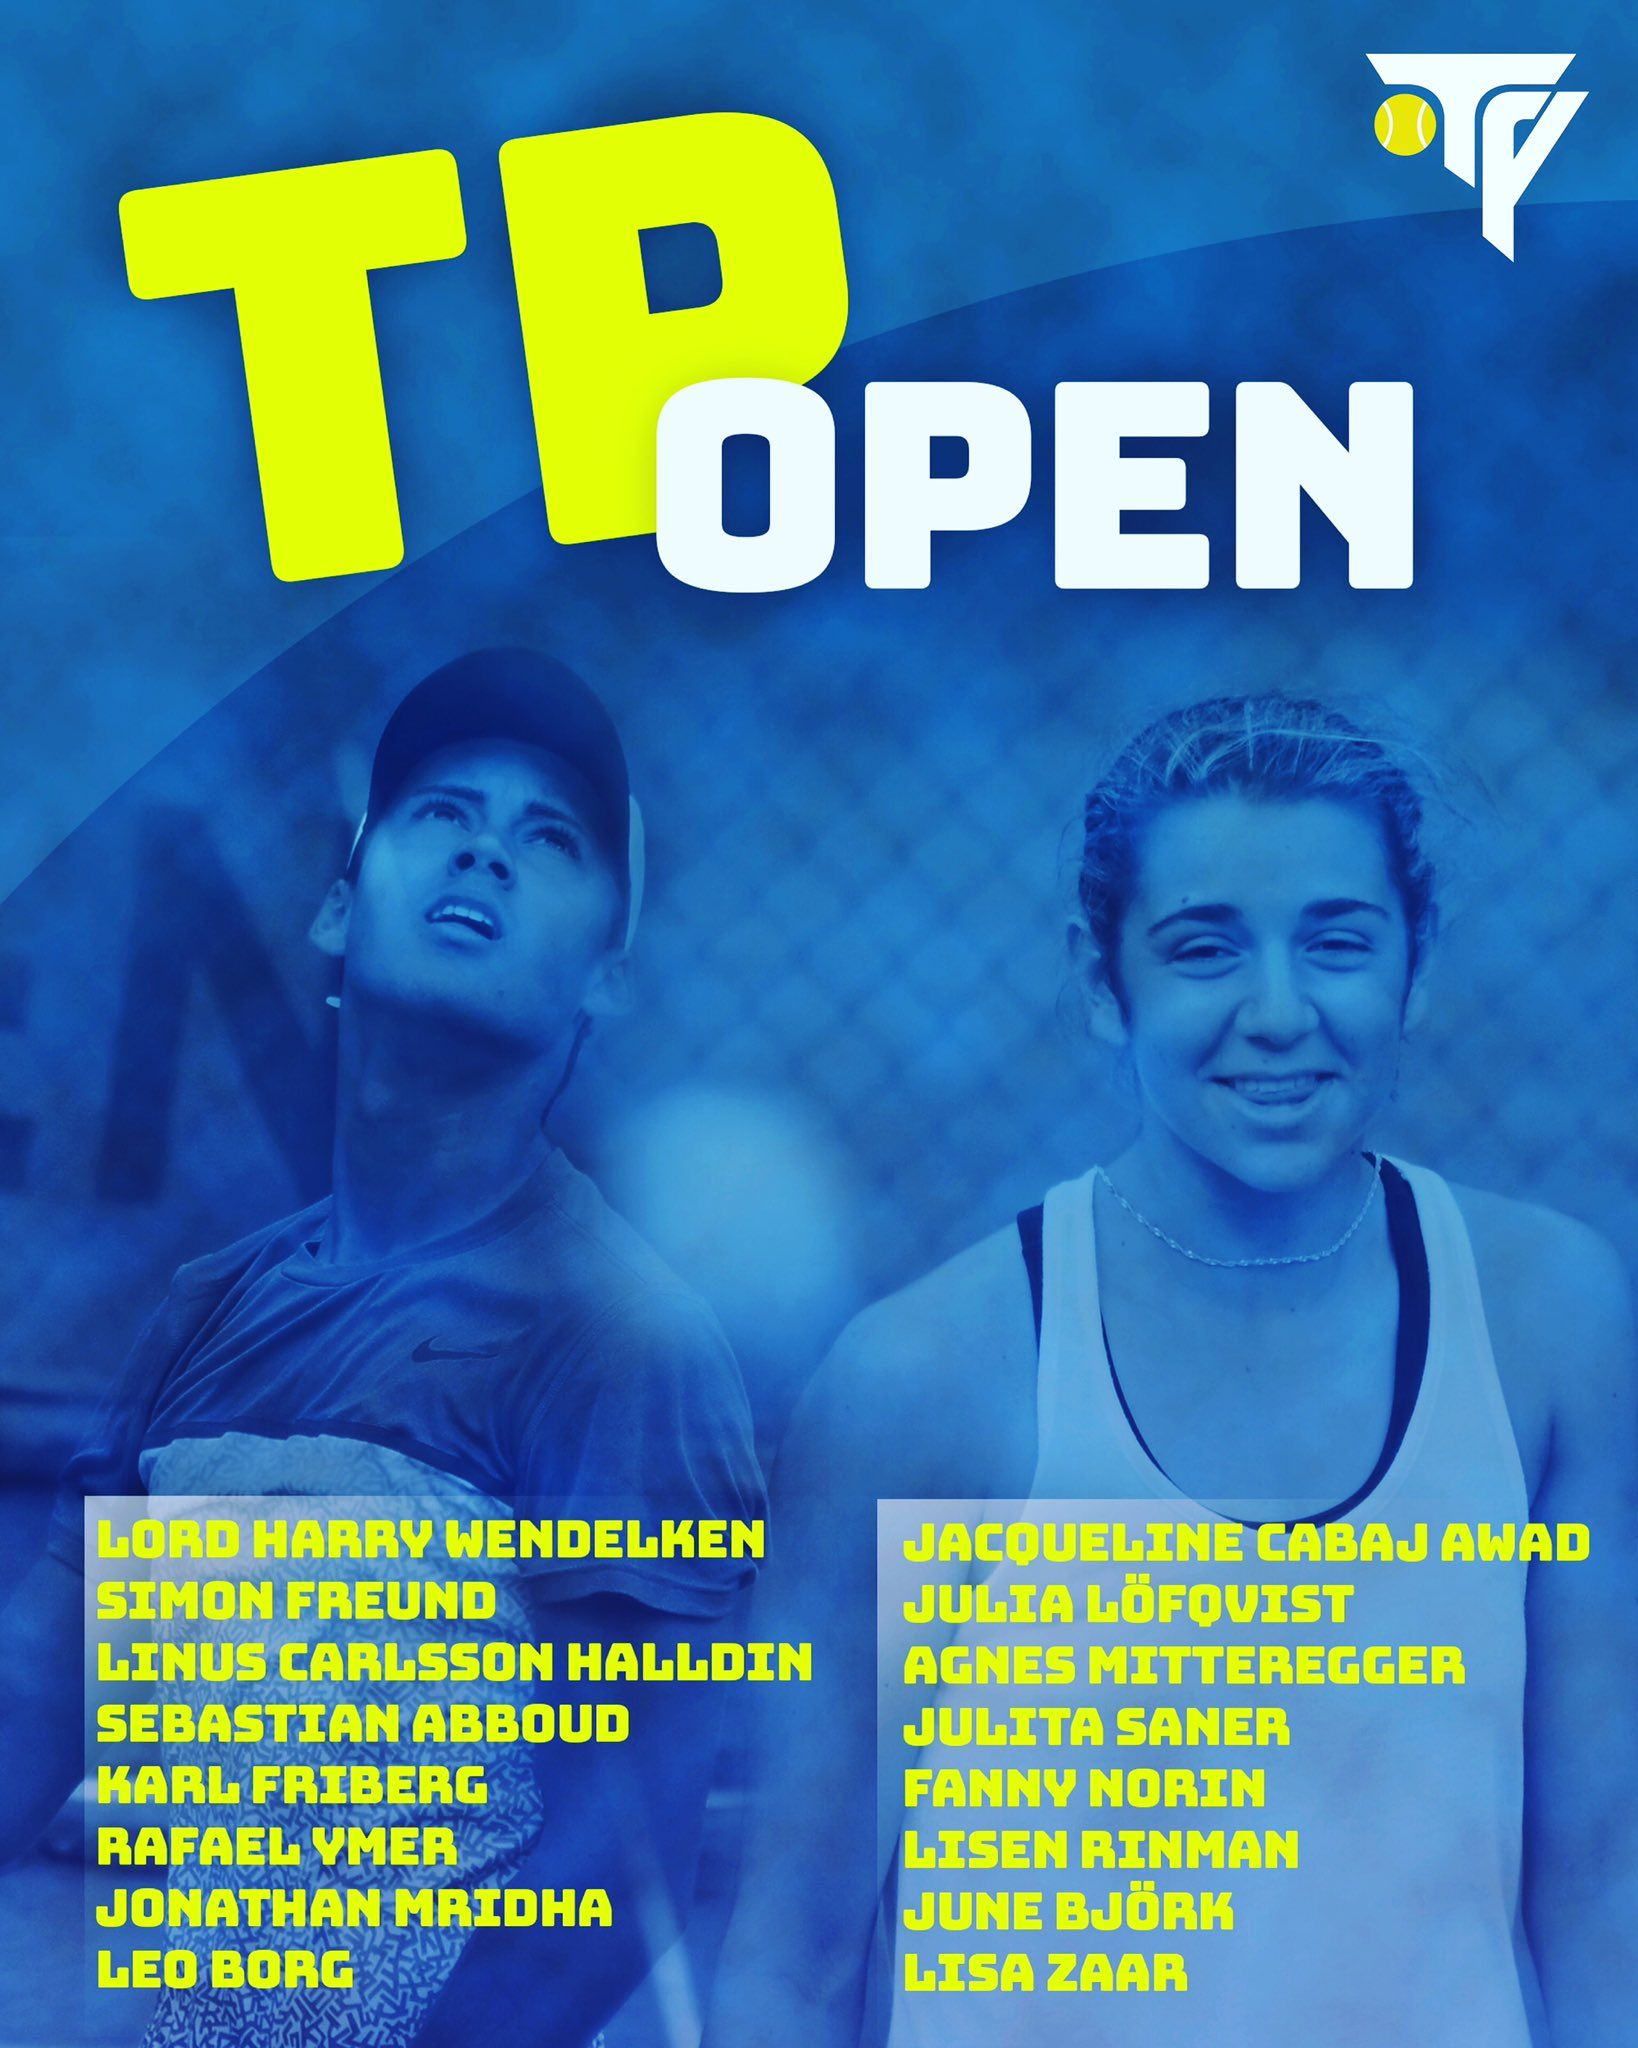 Incredibile in Svezia: il 10 aprile sarà disputato un torneo con 16 giocatori svedesi